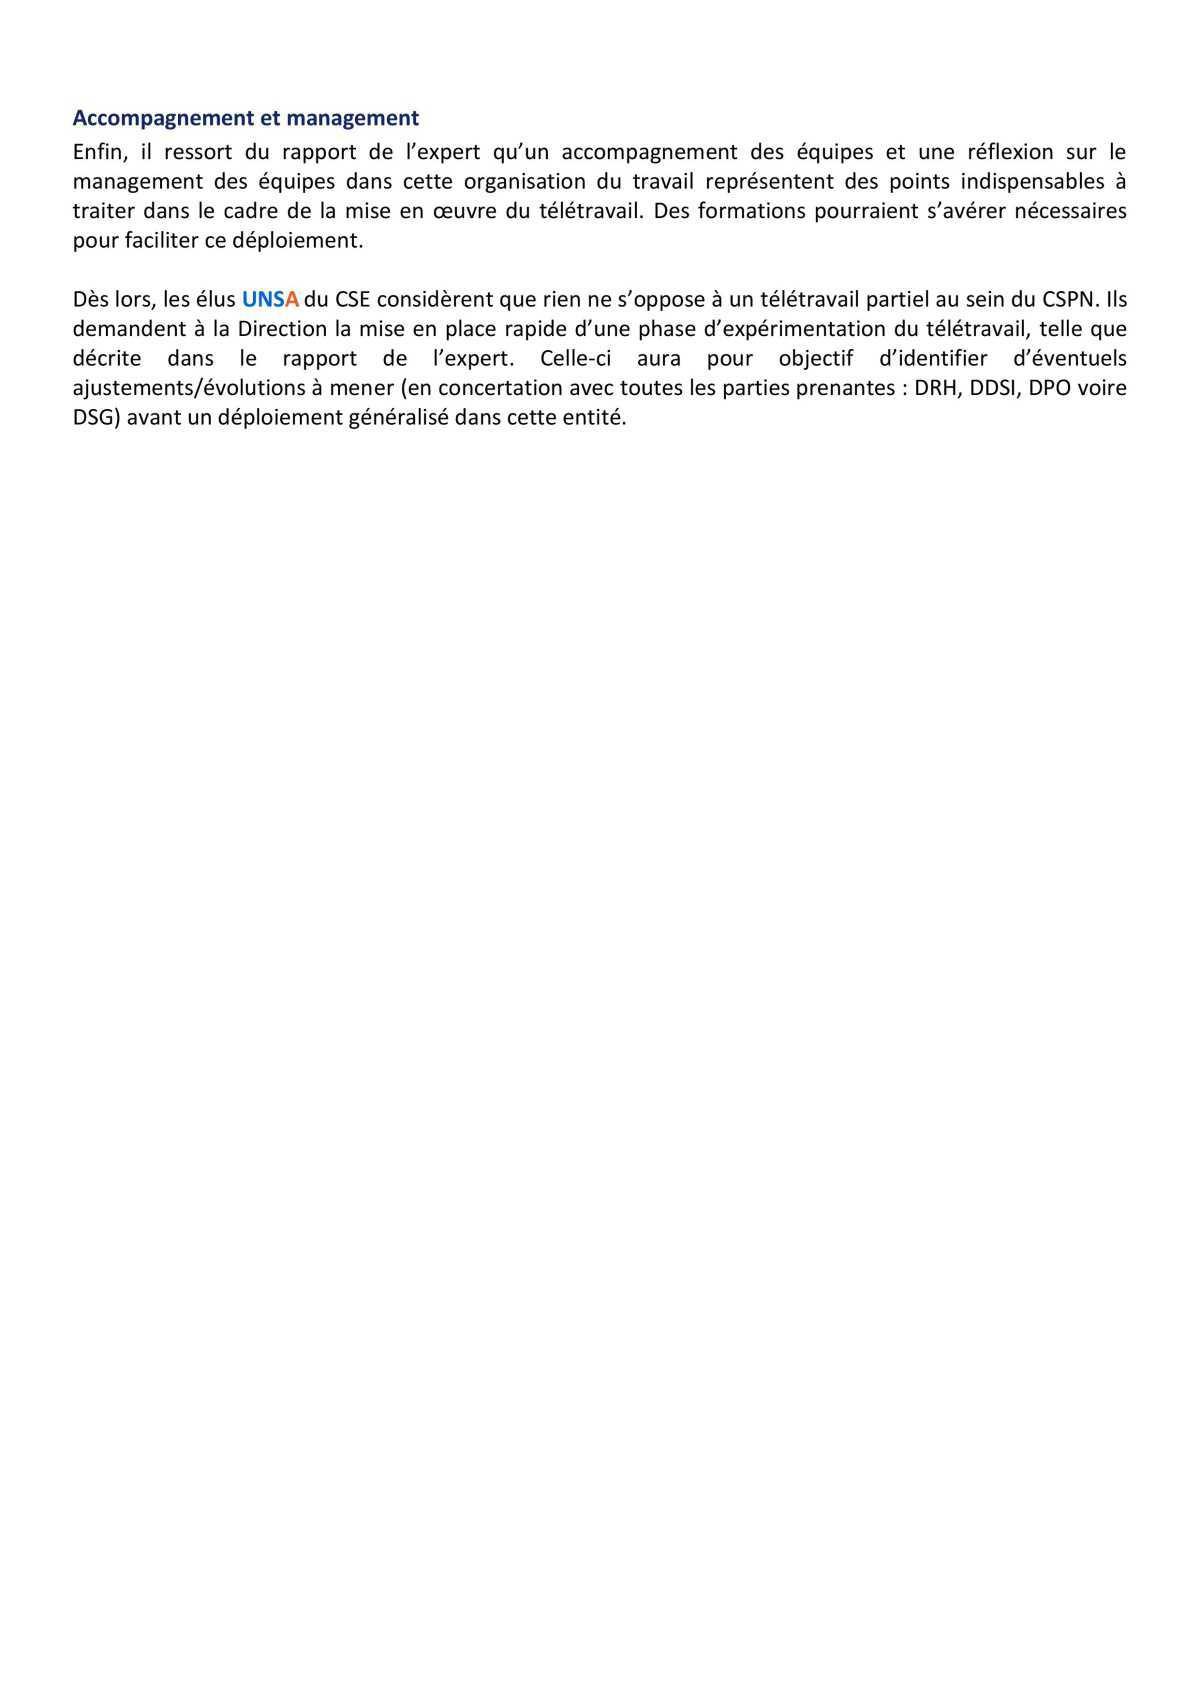 CSE d'Ollioules - réunion du 11 mai 2021 - résolution UNSA concernant le télétravail au CSPN